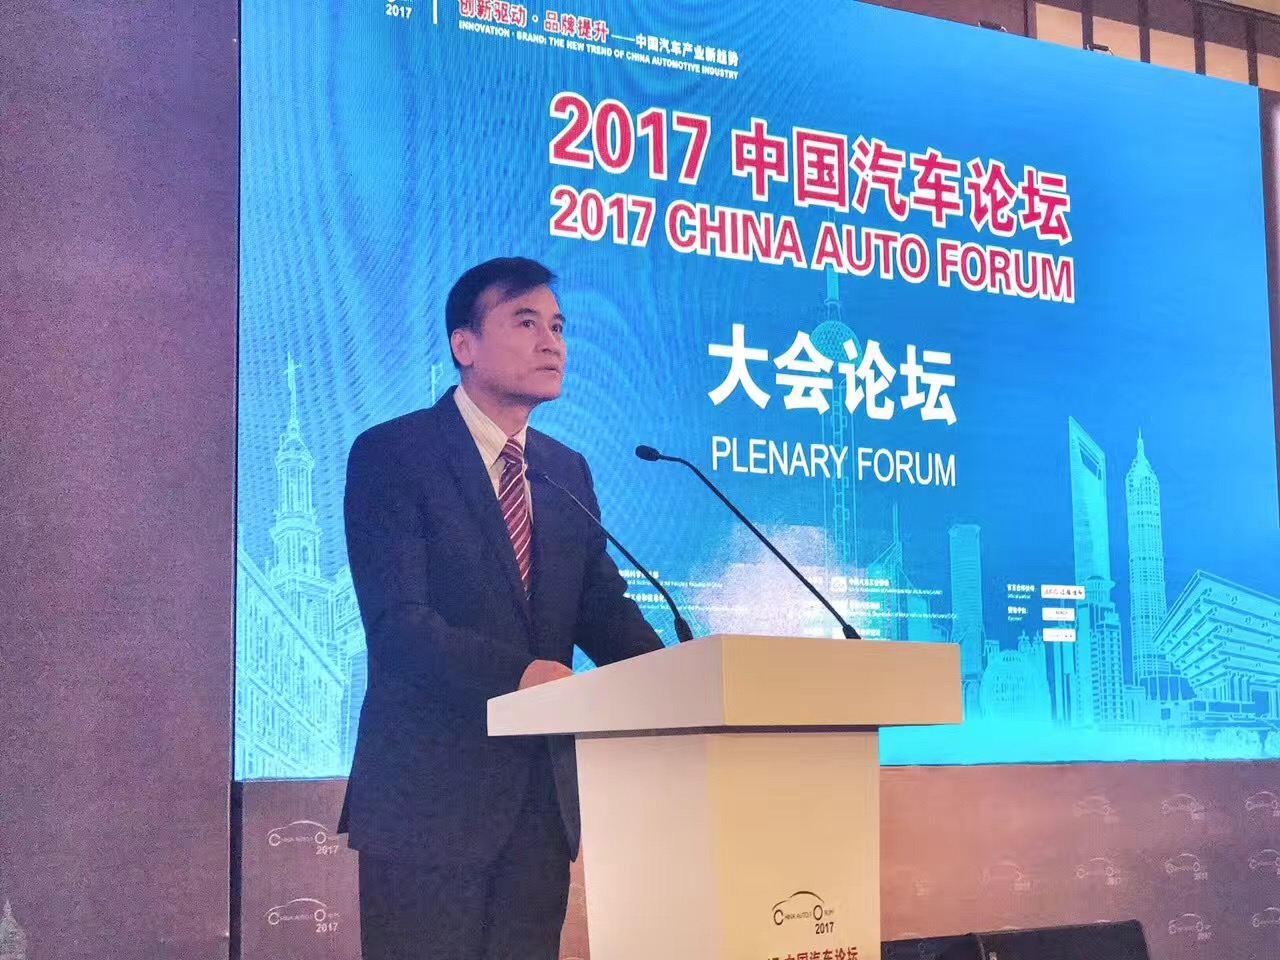 安进:中国品牌与外资品牌的差距集中体现在品牌影响力上